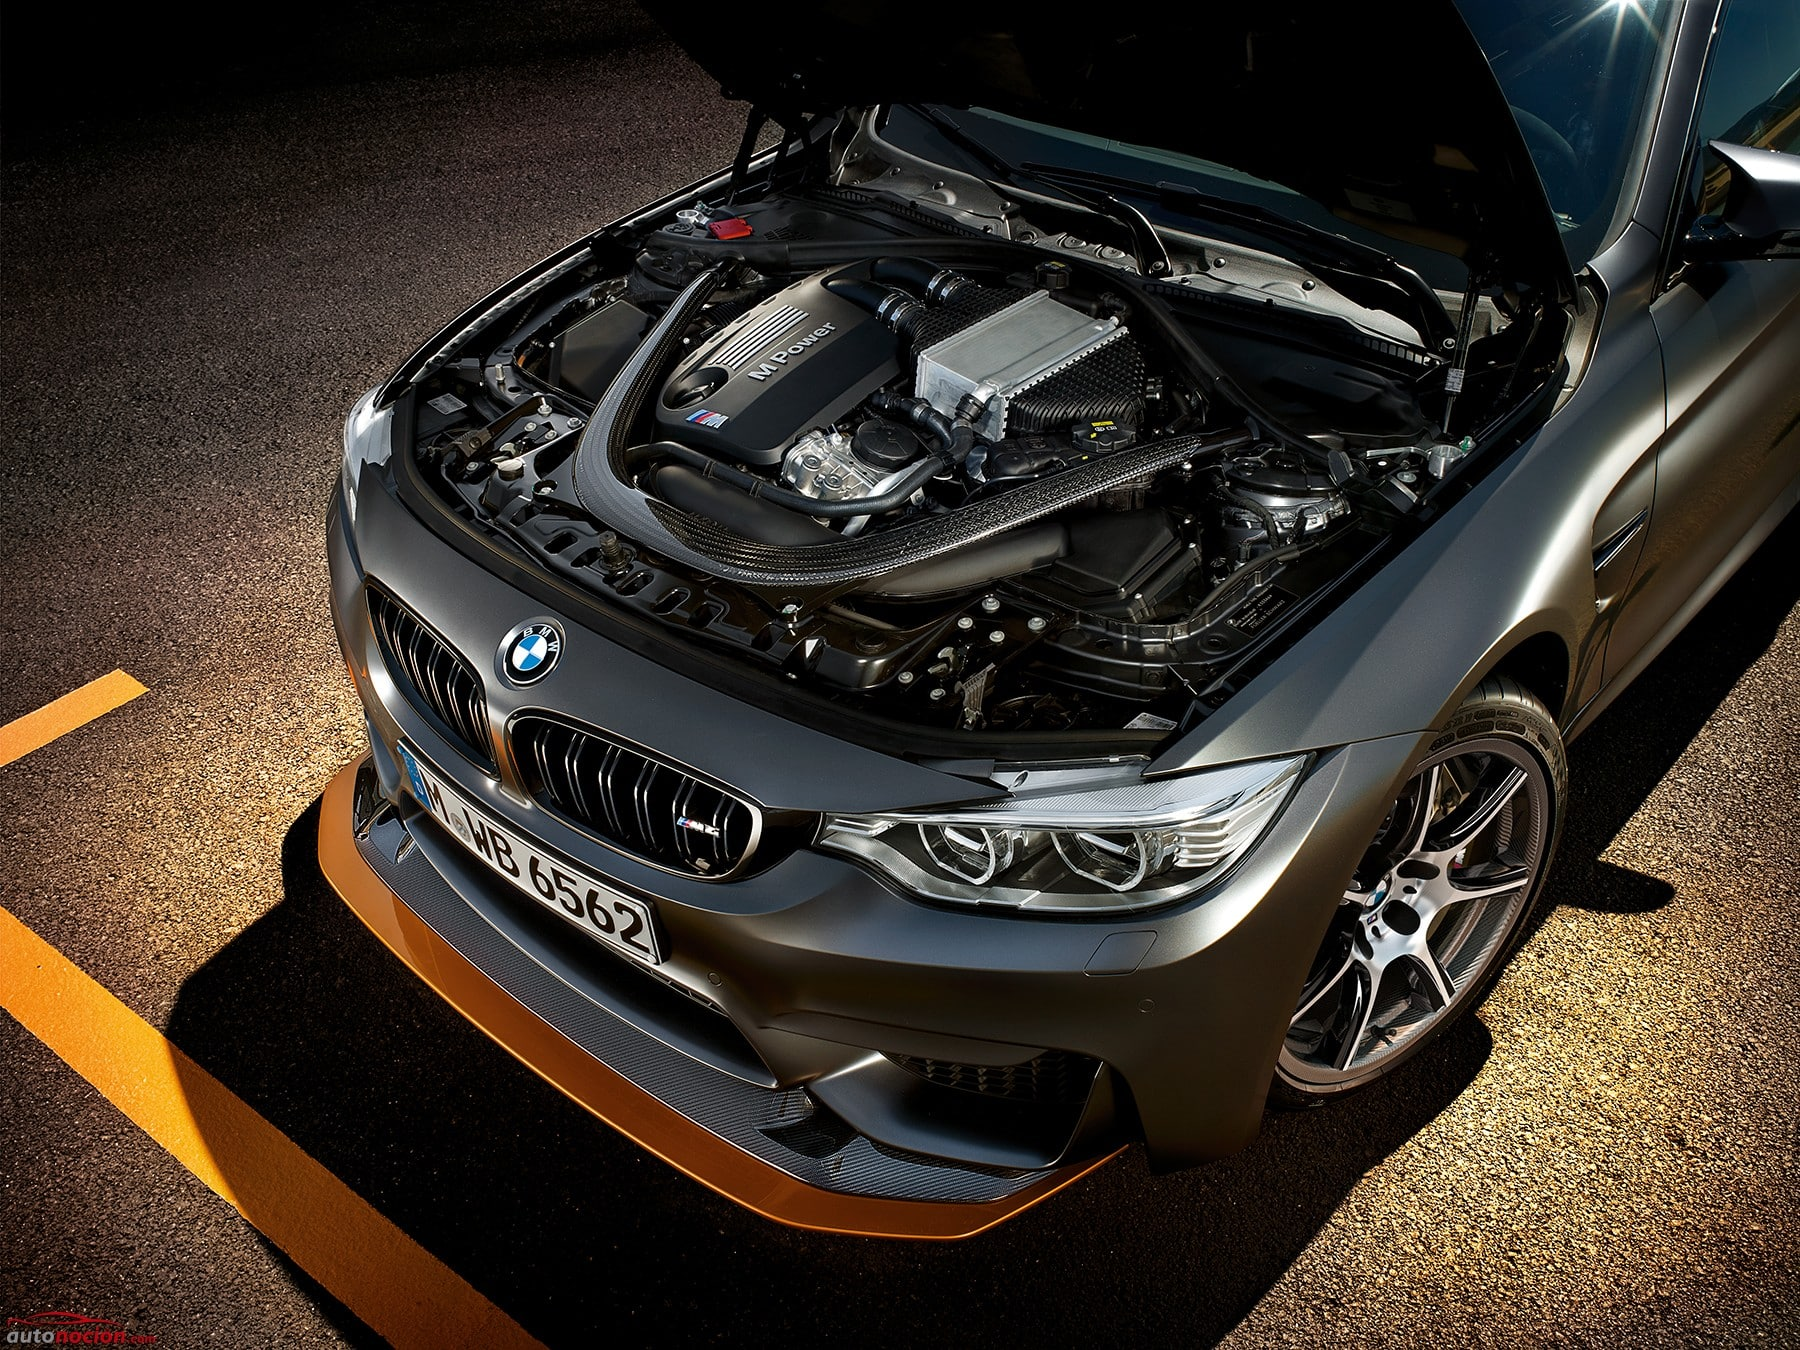 BMW M4 GTS Detalle de motor